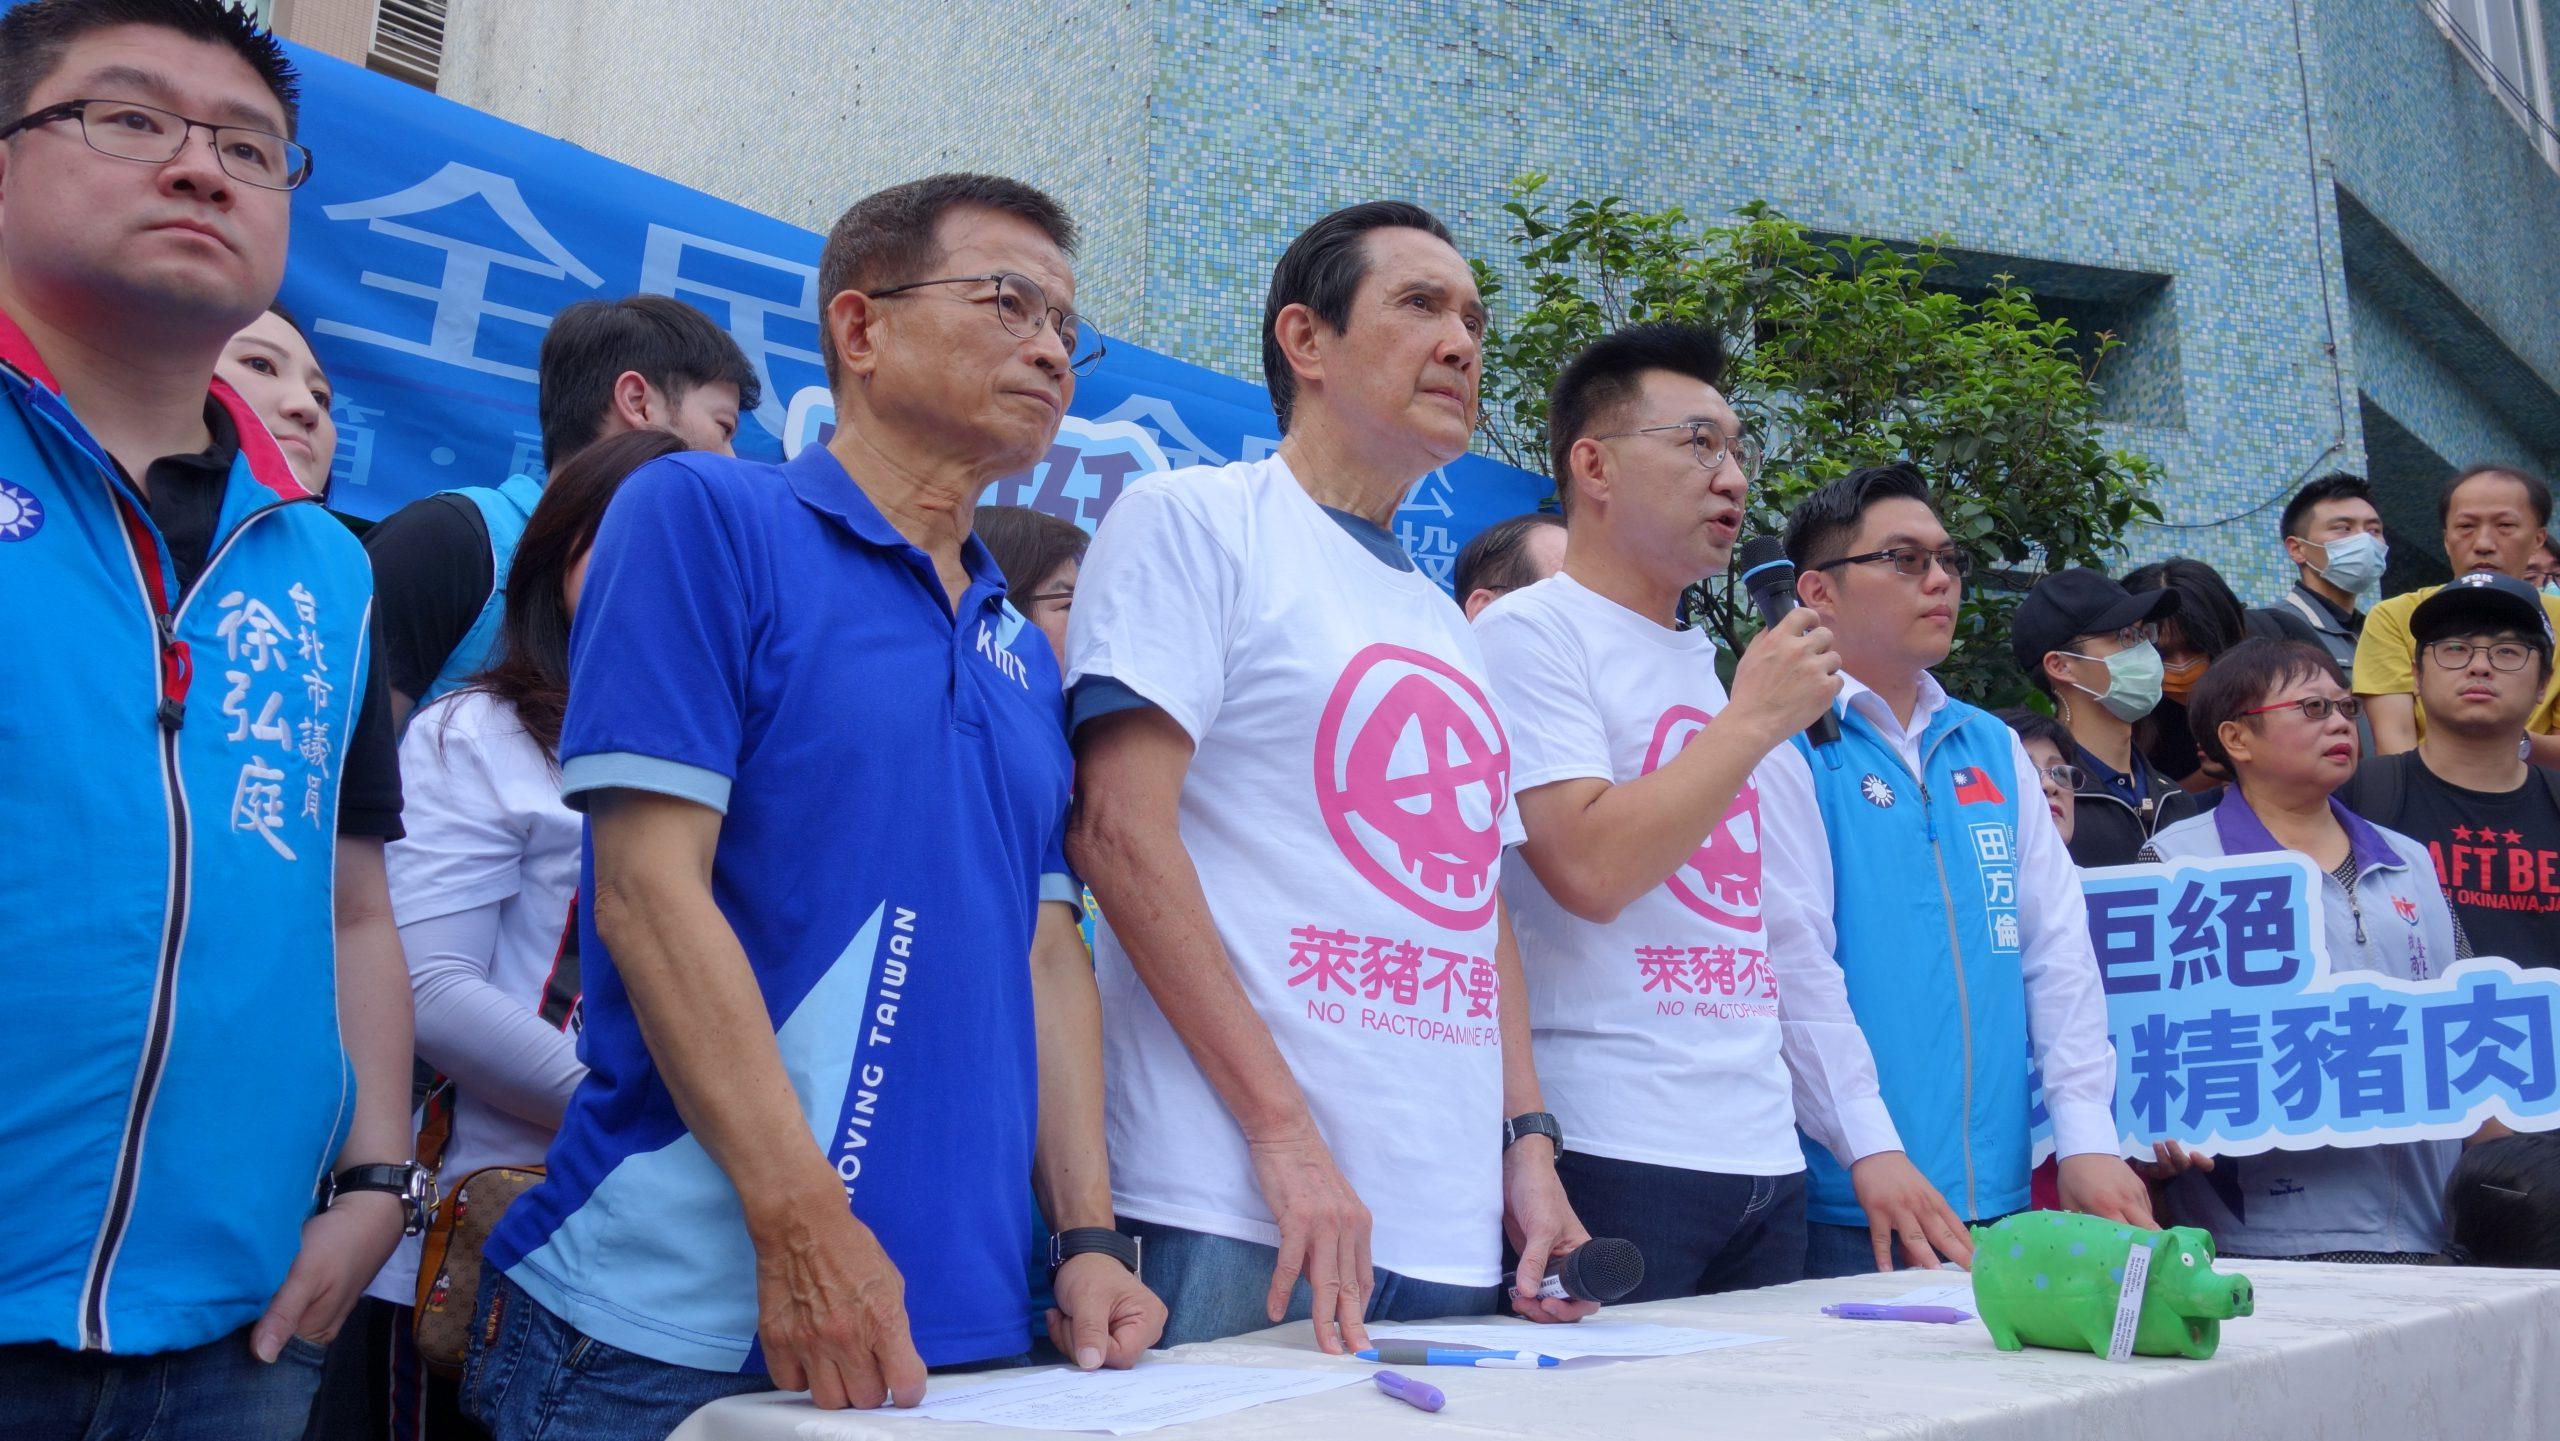 中國國民黨召開記者會,啟動反美豬公投連署